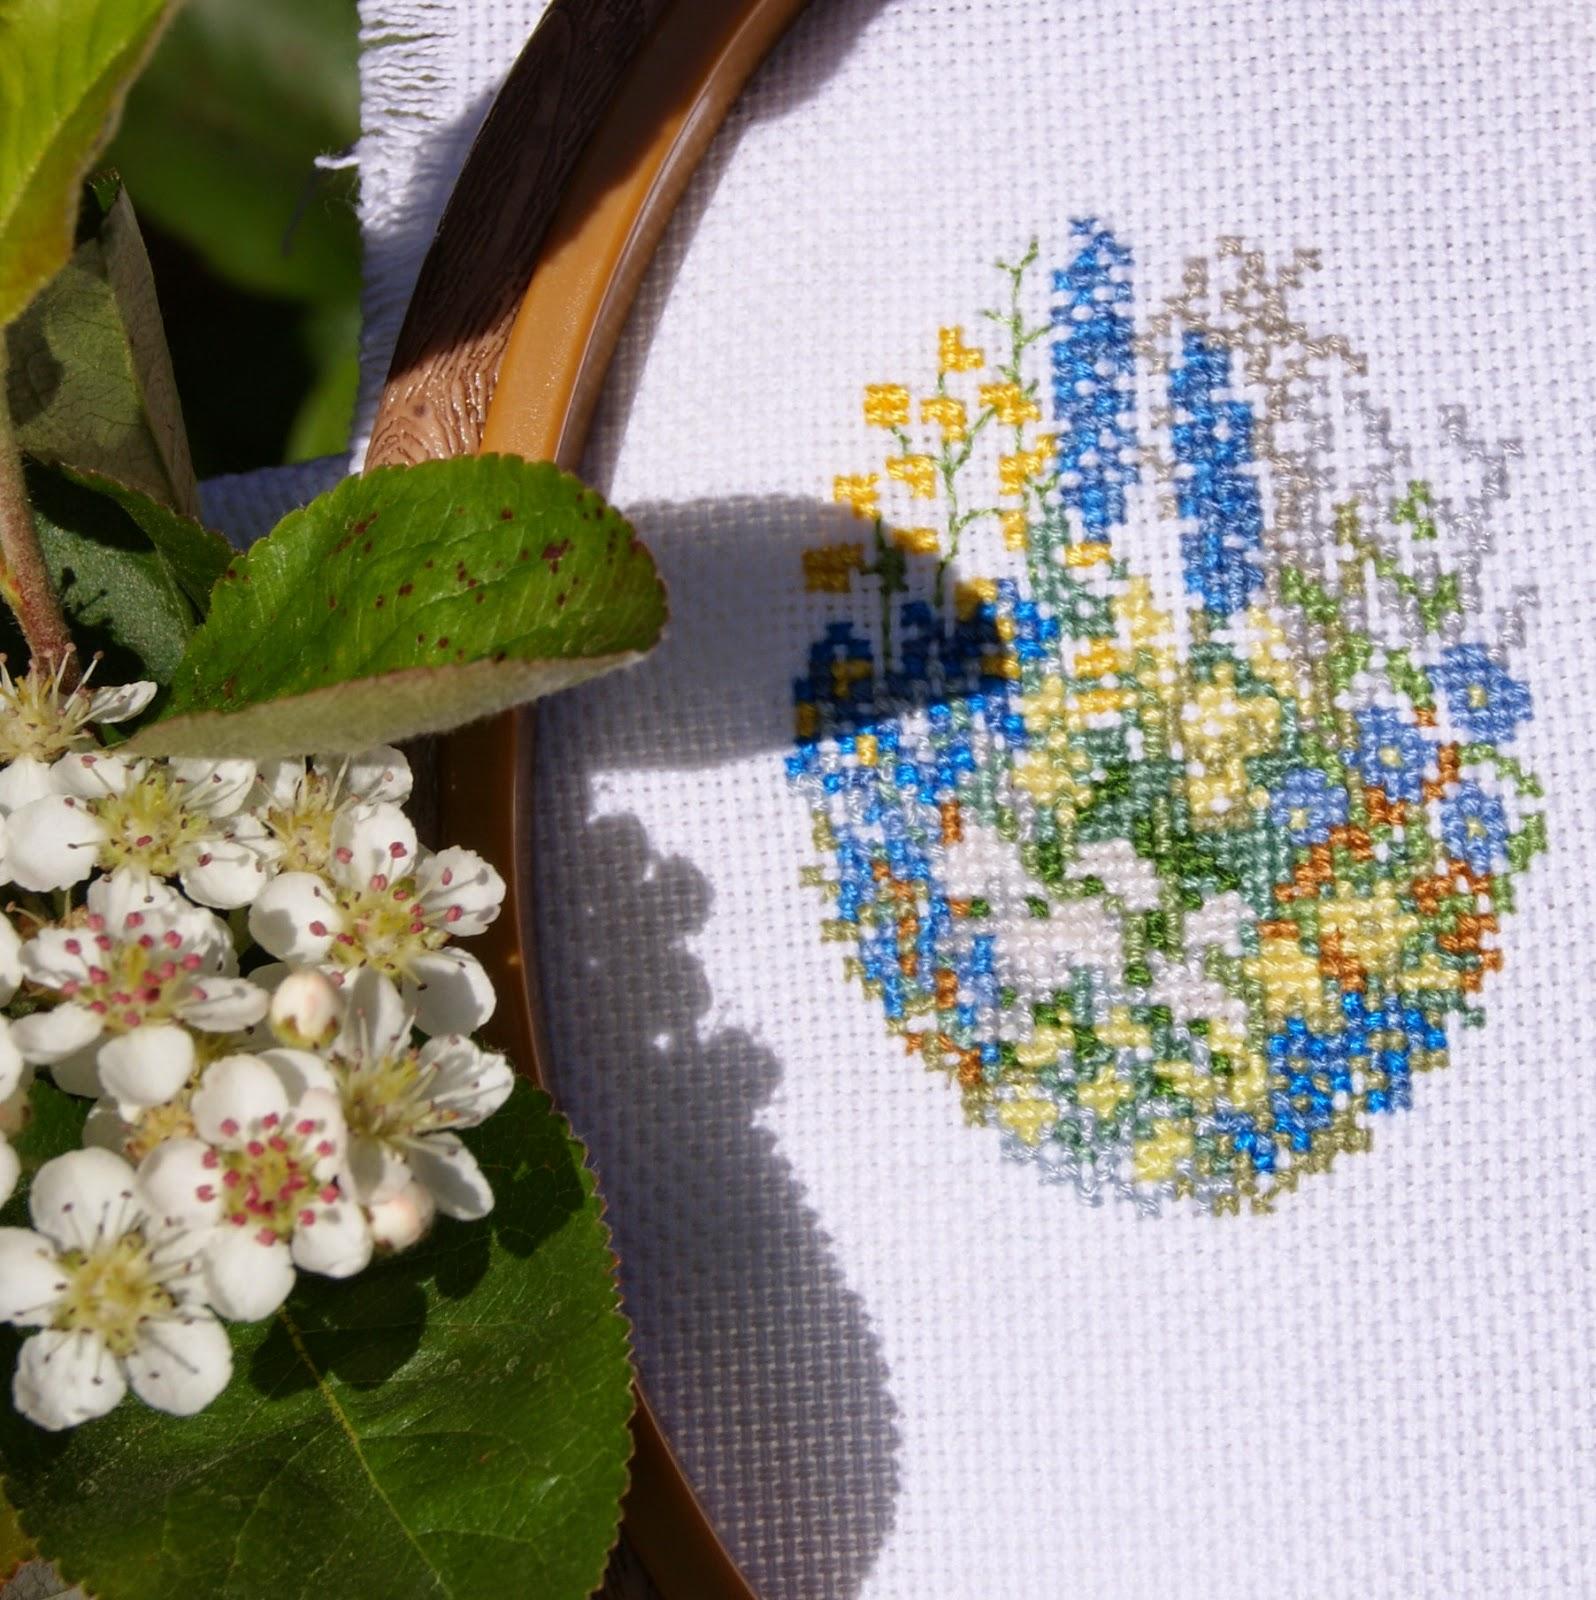 МИНИ-ВЫШИВКА. ЦВЕТЫ.вышивка, миниатюра, цветы, вышитые цветы, вышиваю крестиком, вышивать, купить вышивку, ручная работа, оформление вышивки, вышитые картины, вышивка в цветочной гамме, маленькая вышивка  цветы,